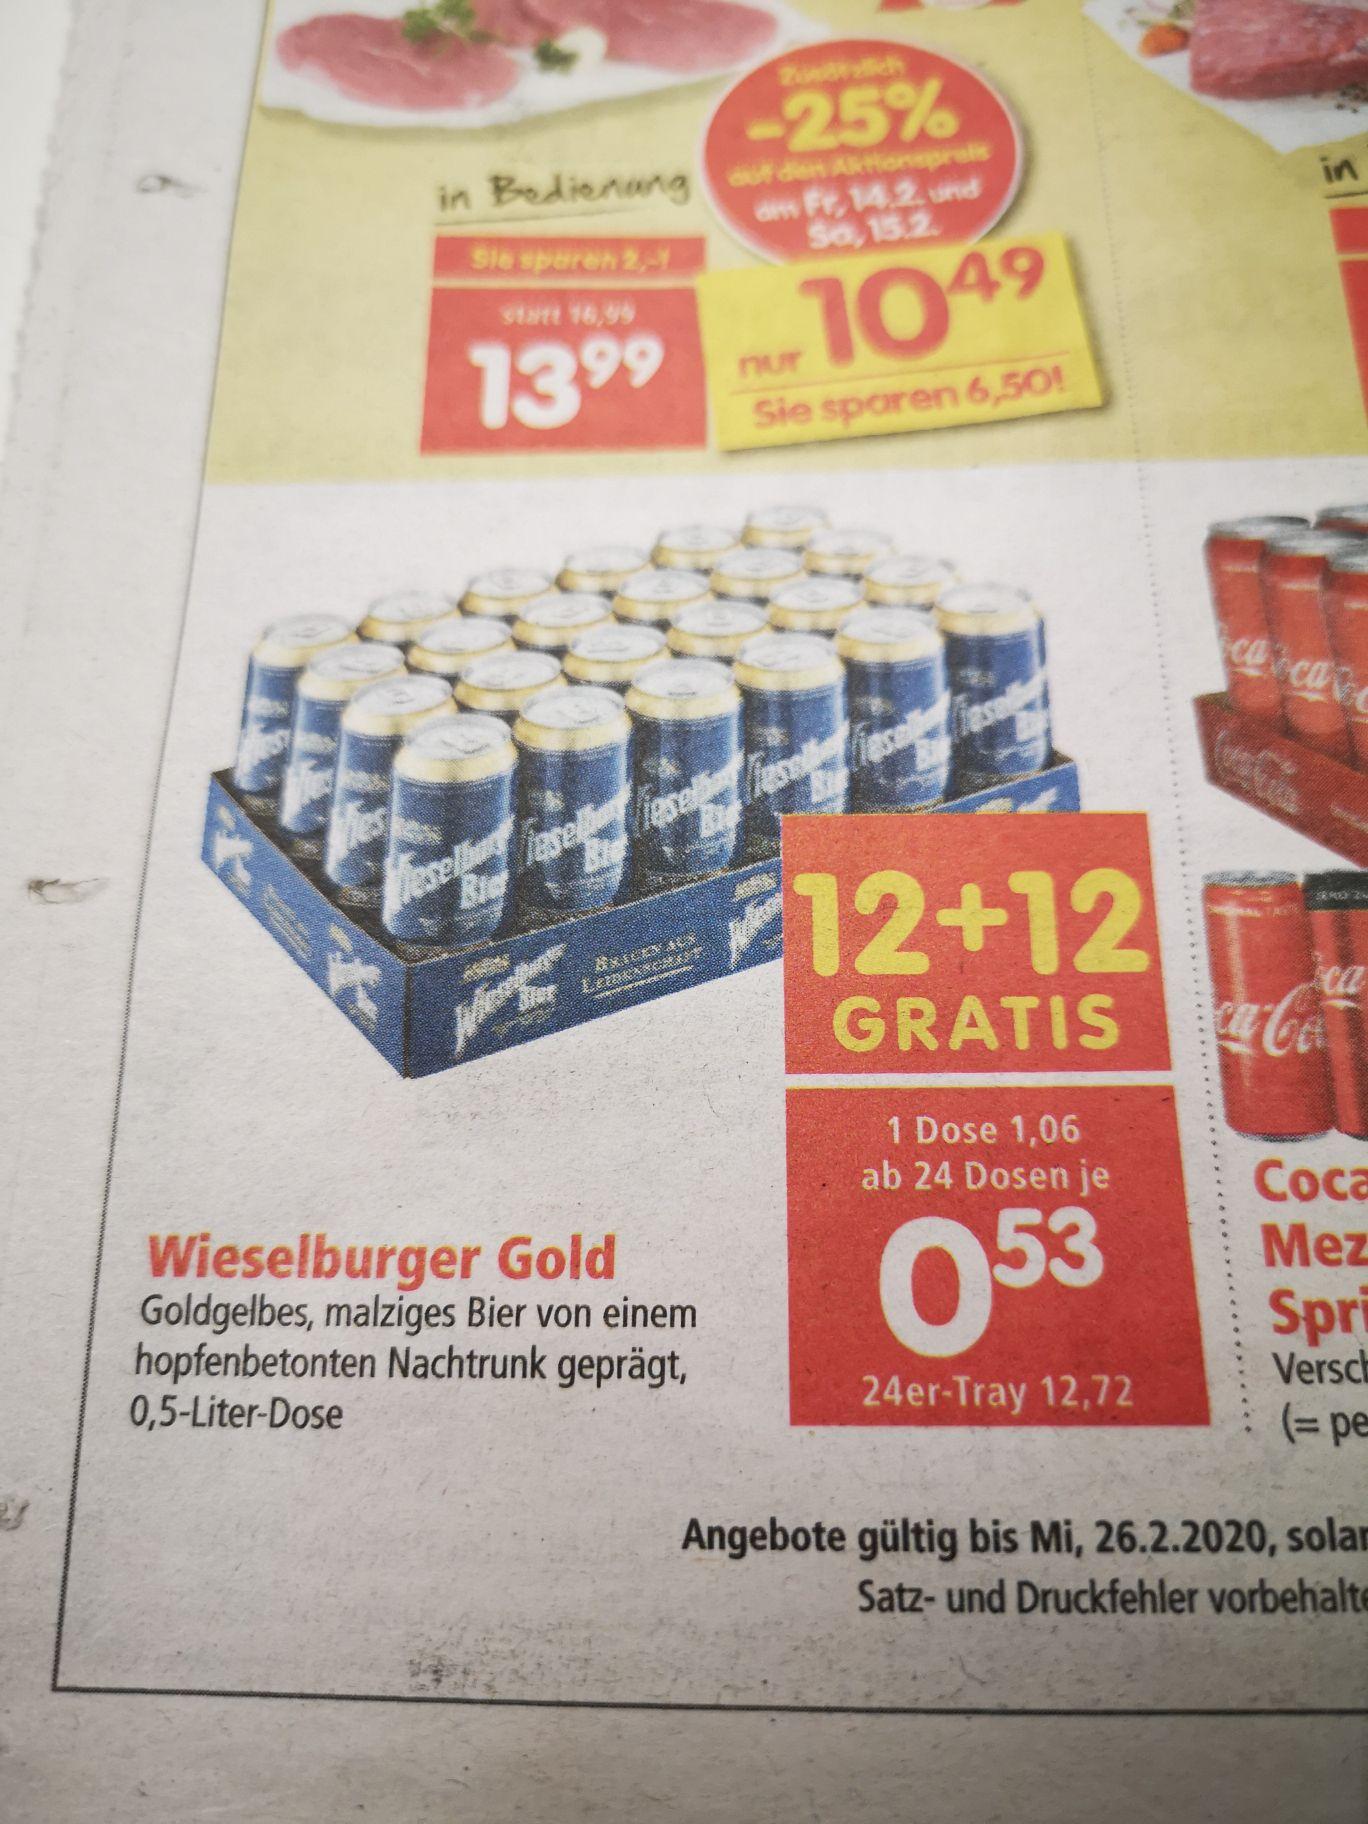 Wieselburger Dosenbier 0.5l um 53ct im 24er Tray